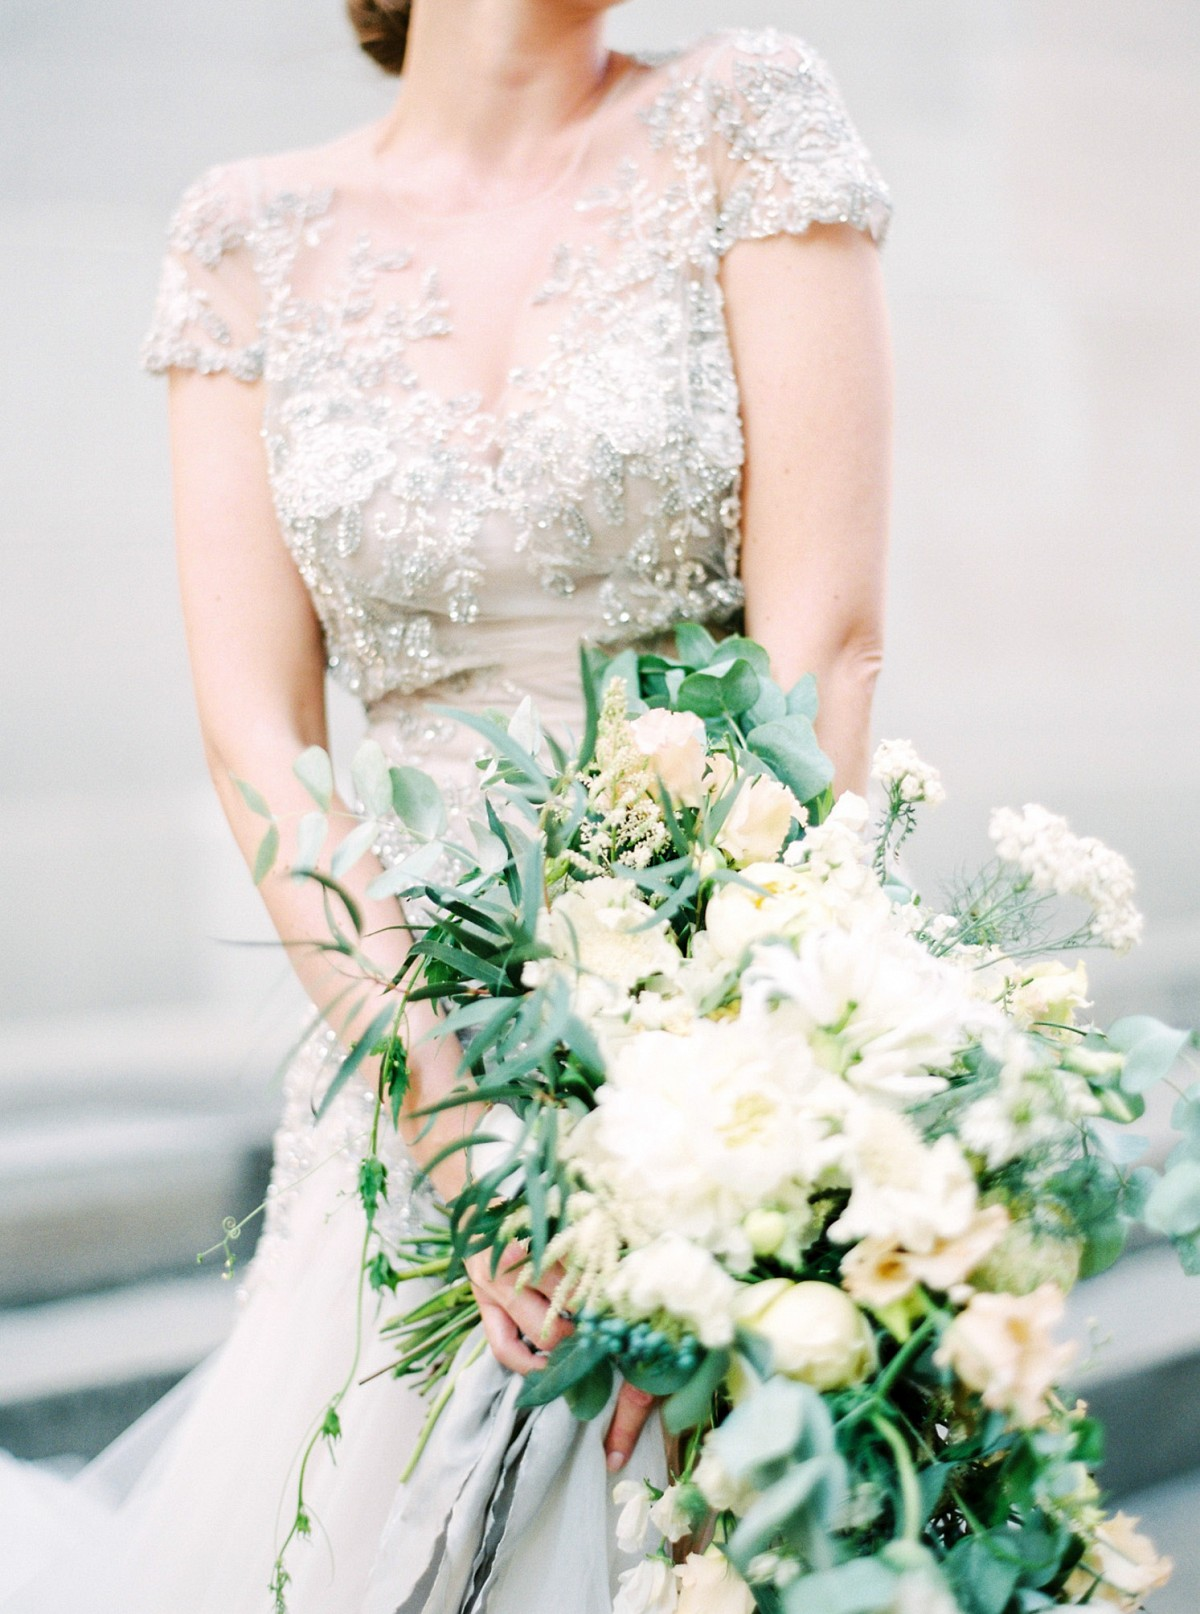 Glamorous Zurich Wedding in an Inbal Dror Gown